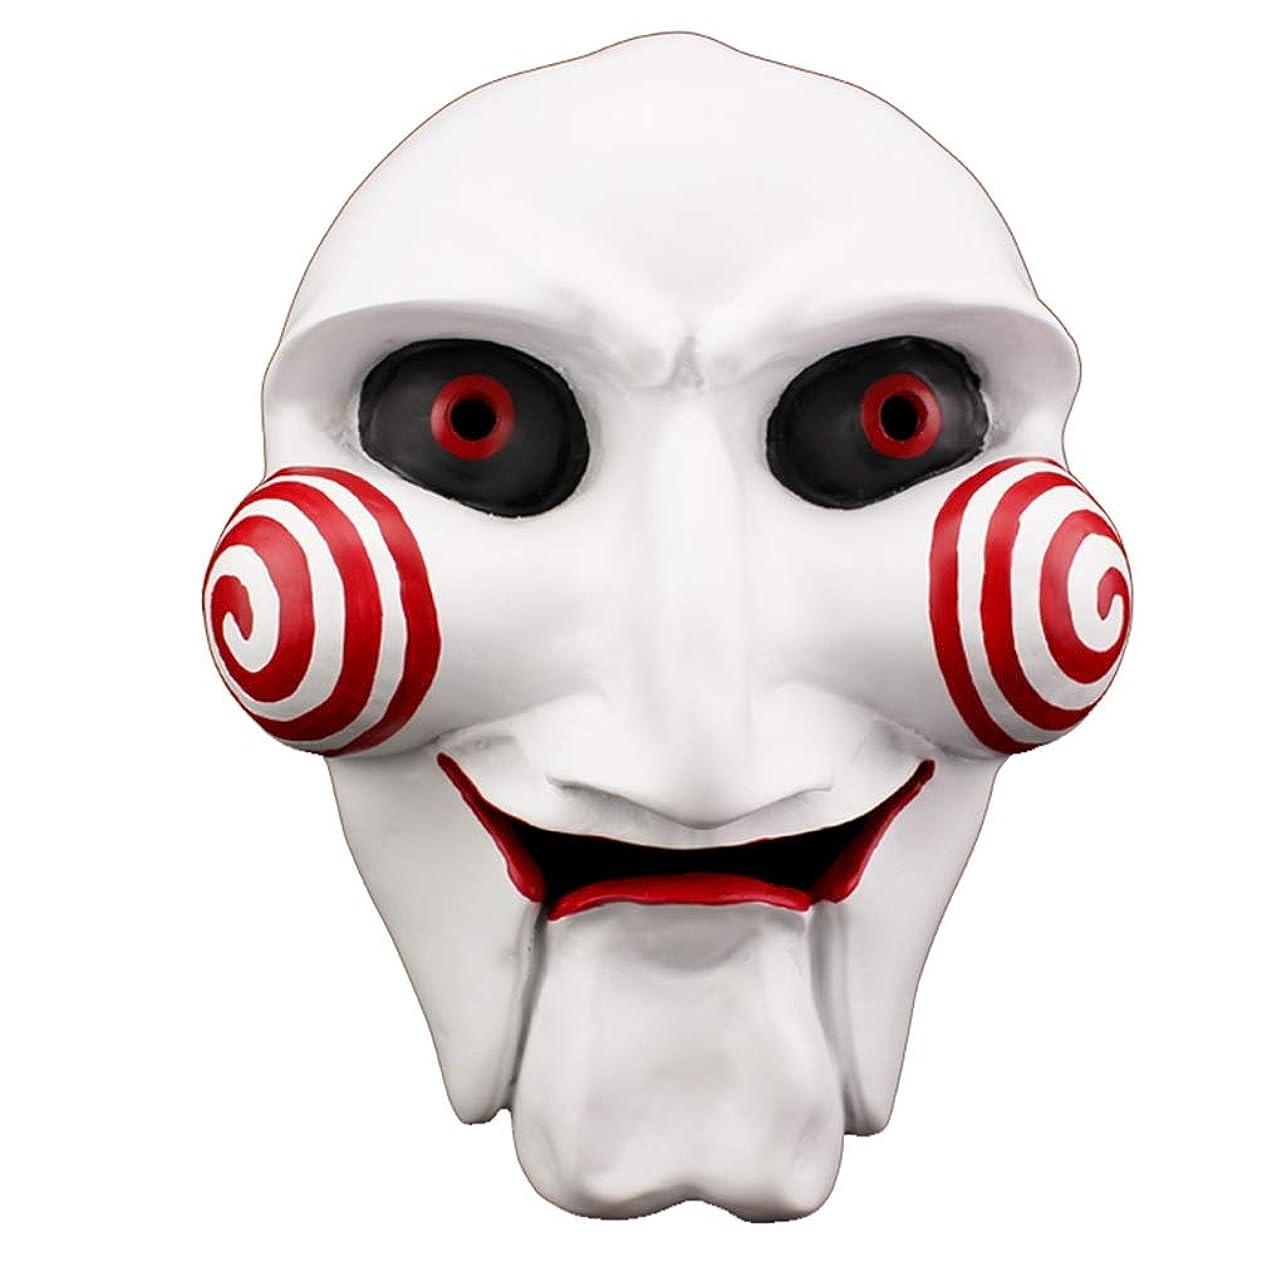 三角取り除く勝者ハロウィンホラーマスクダンスパーティーメンズキラーデビルメイク樹脂マスク